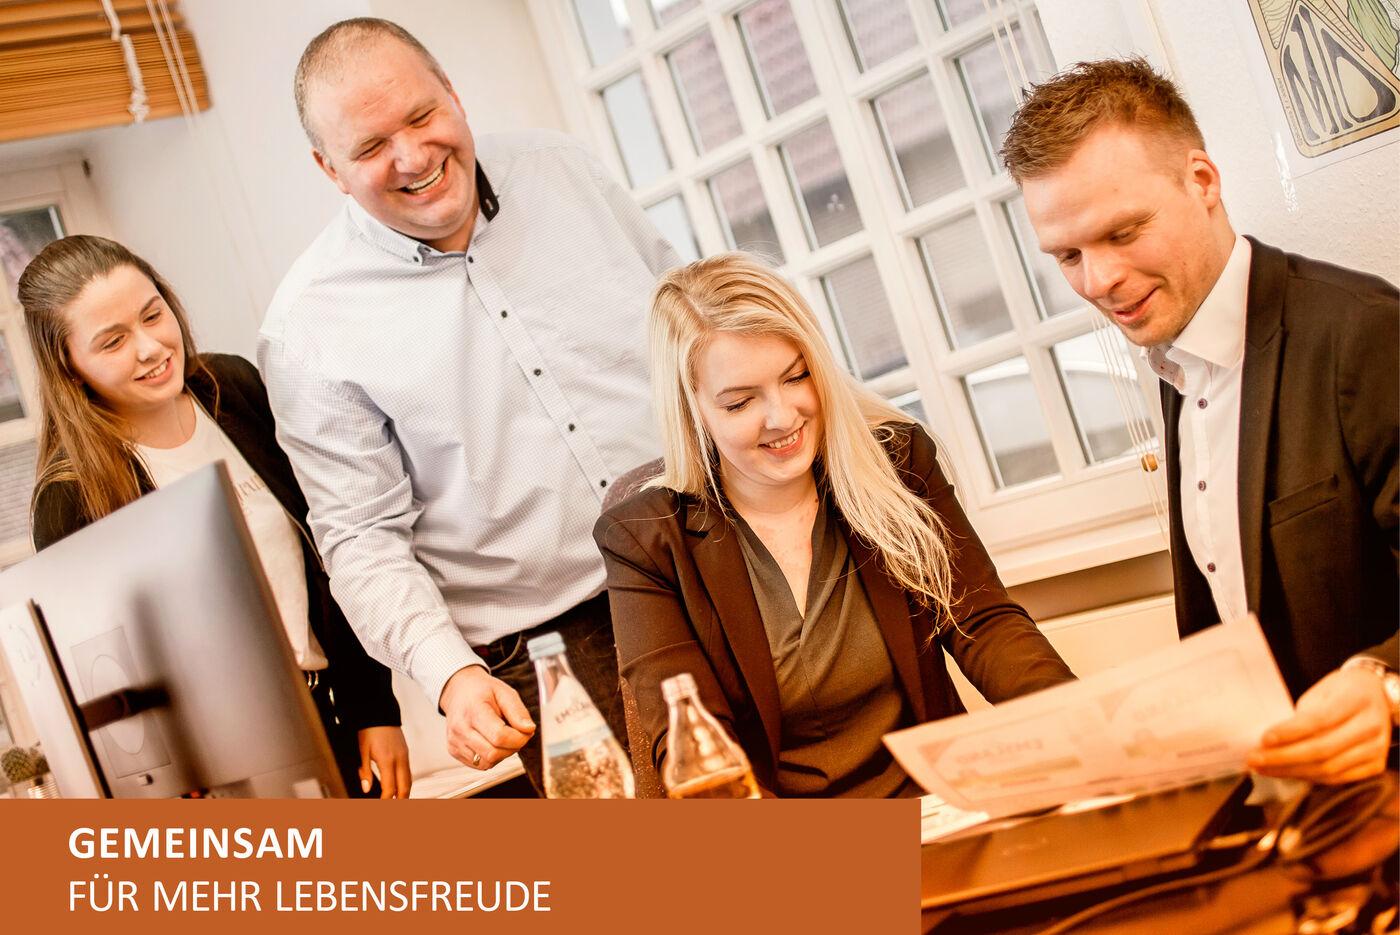 Bezirksleiter LEH Frankfurt a. M. (w/m/d) - Job Home office - Karriere bei Berentzen - Post offer form